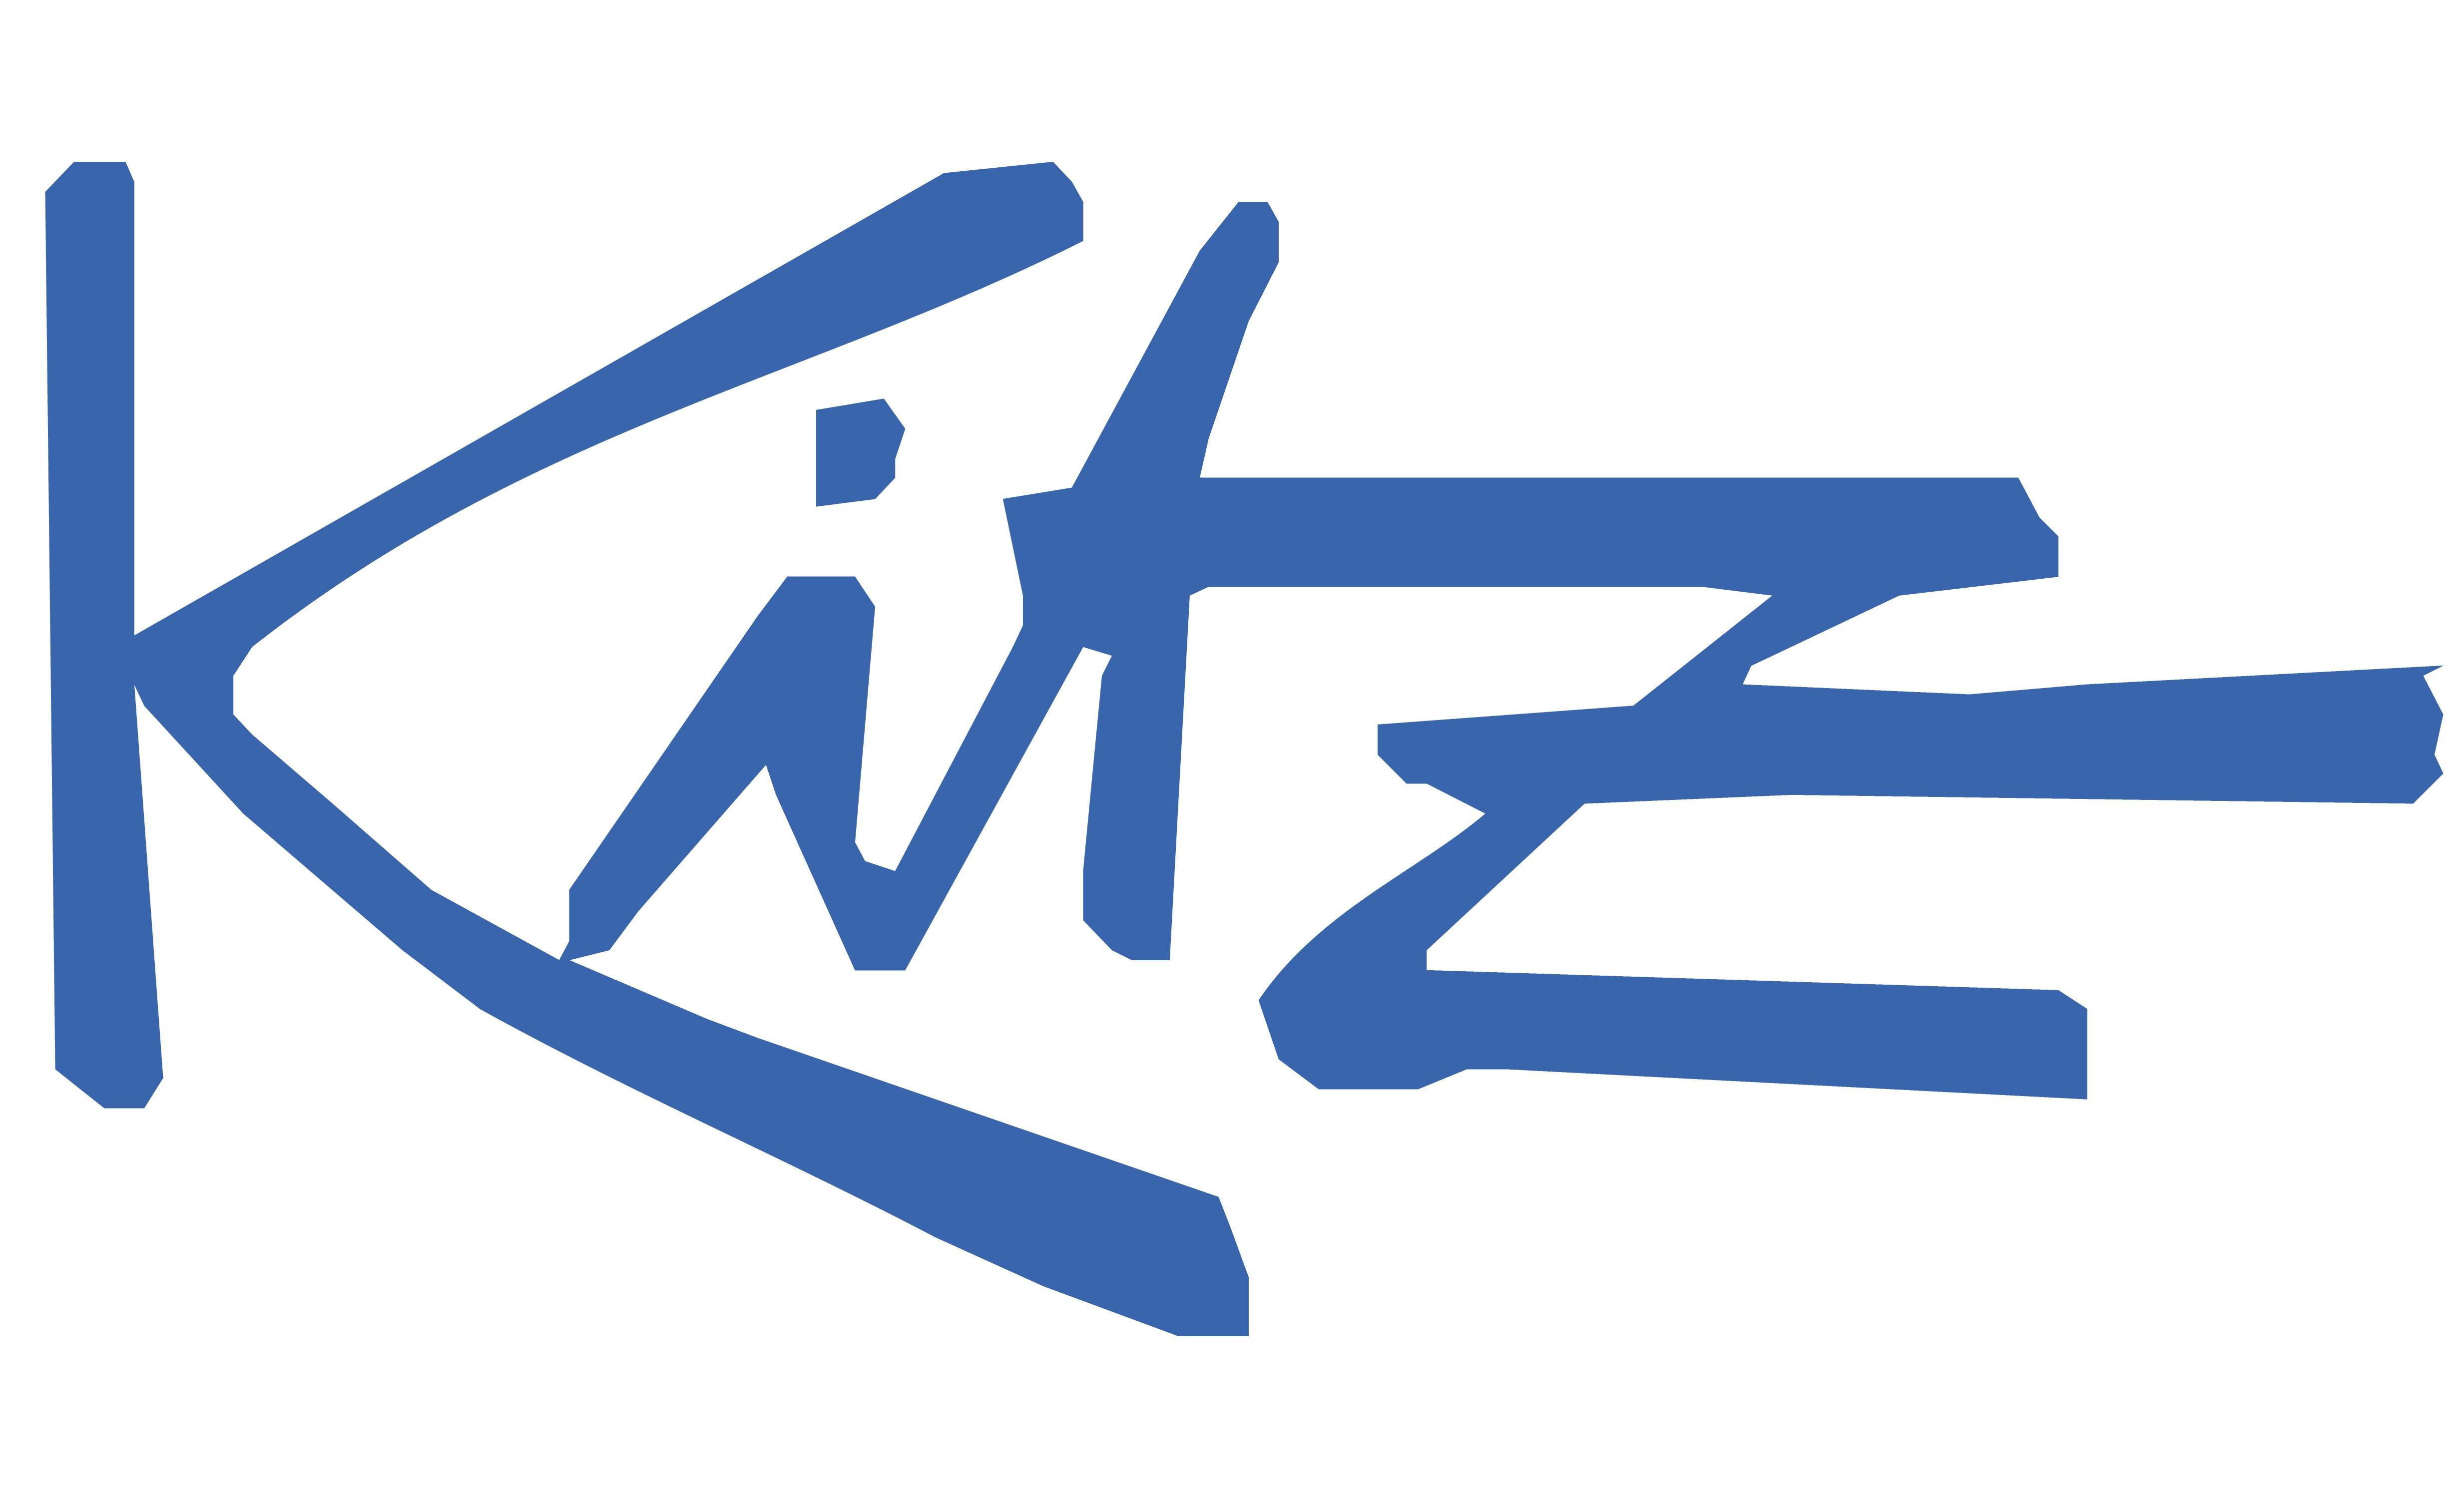 https://www.kitz-kiel.de/